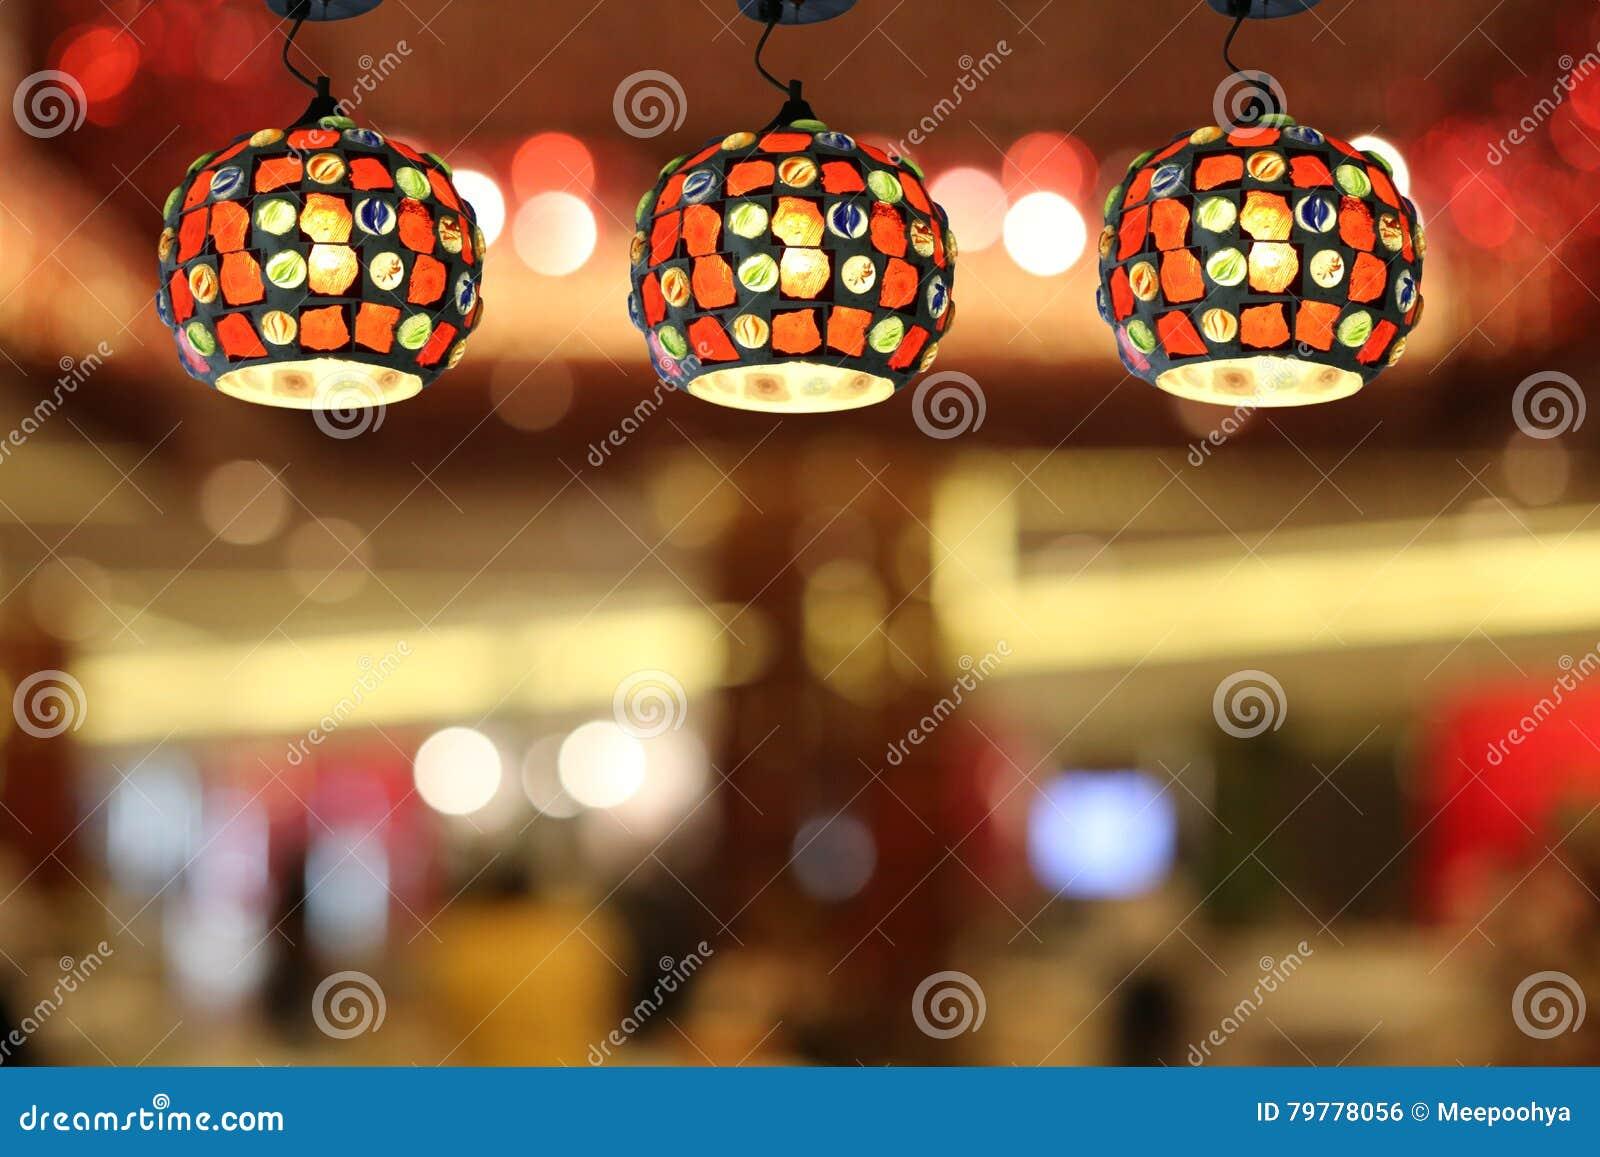 Lampade moderne del soffitto di illuminazione calda nel caffè